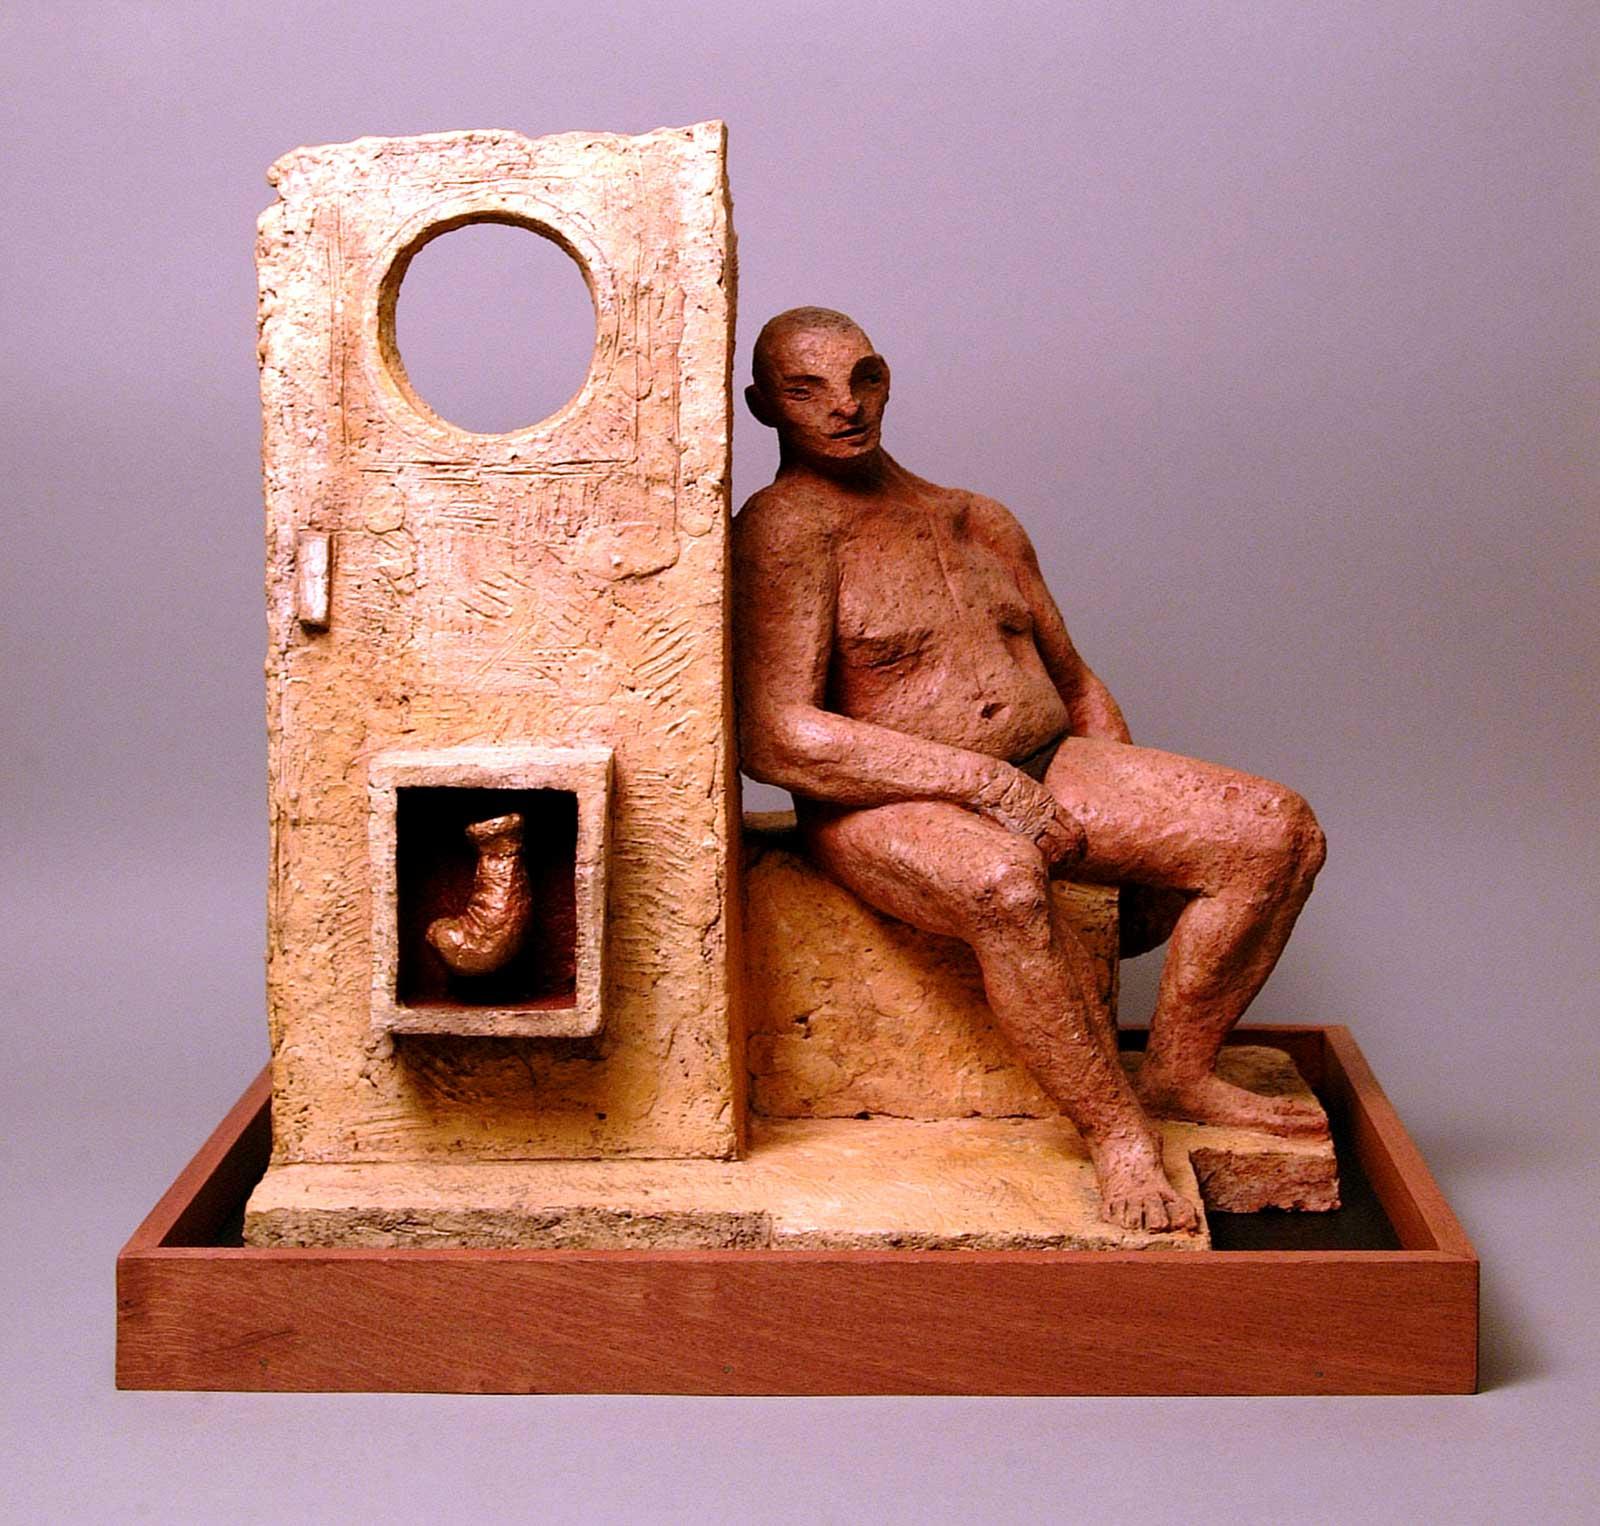 L'uomo d'argilla